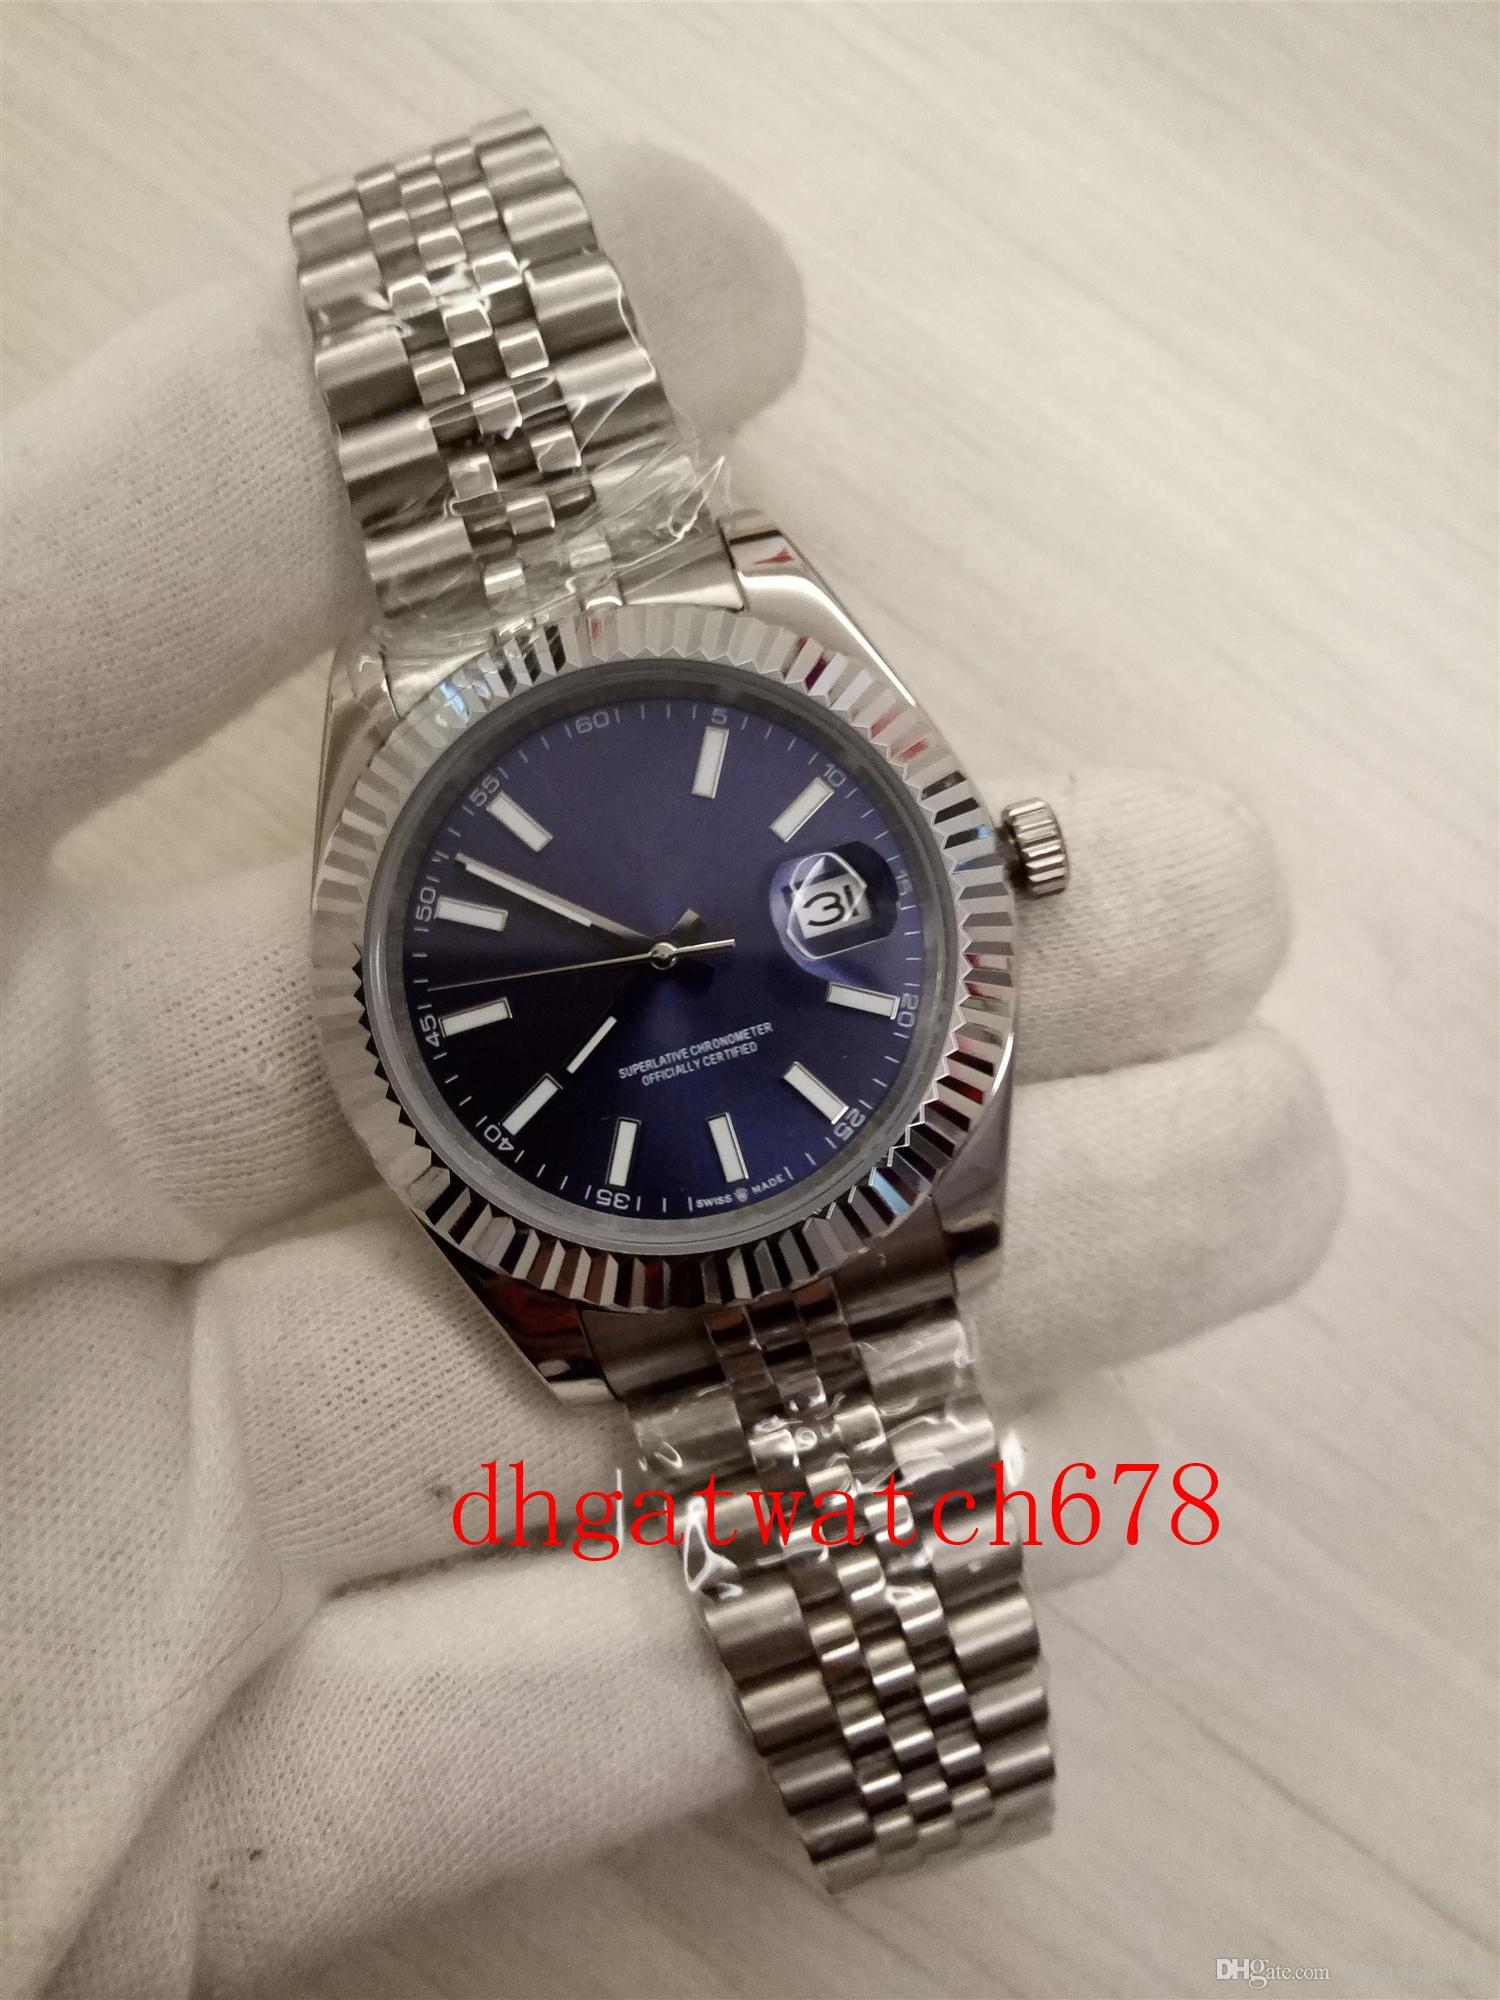 Luxus-Männer hohe Qualit 41mm 126334 Edelstahl-Silber-Lünette Saphirglas Zifferblatt blau automatische Männer Bewegung Armbanduhr